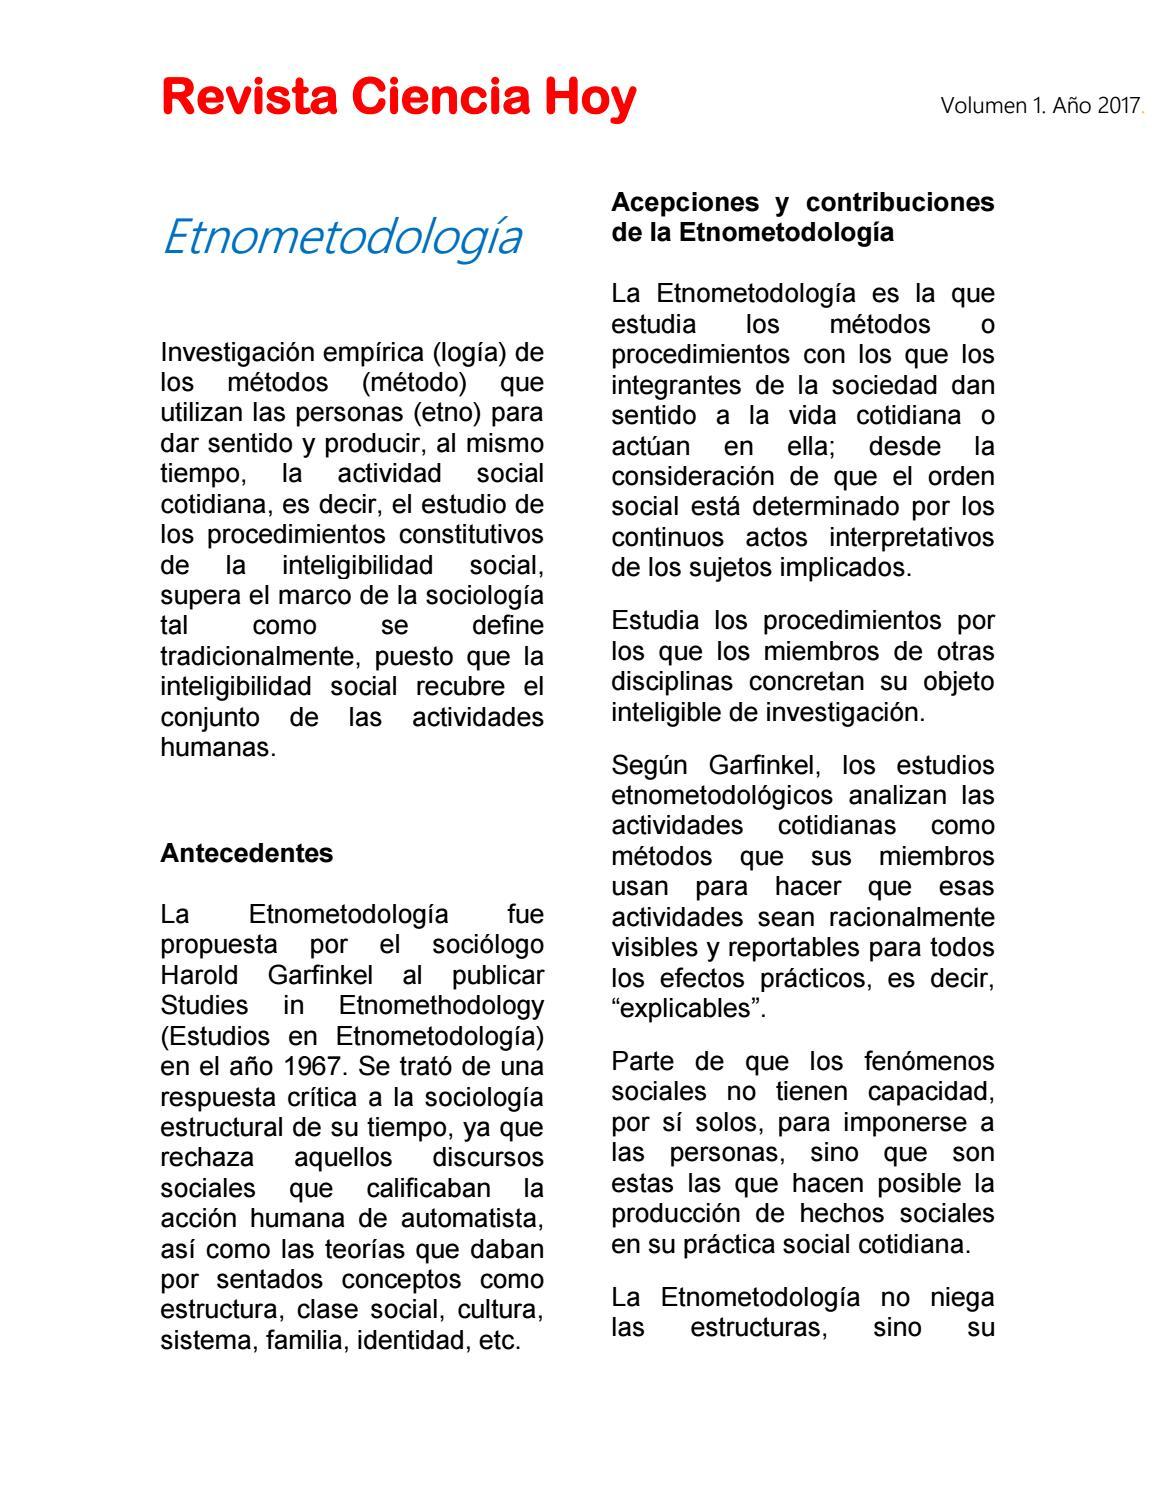 Revista Ciencia Hoy By Ruth 2017 Issuu